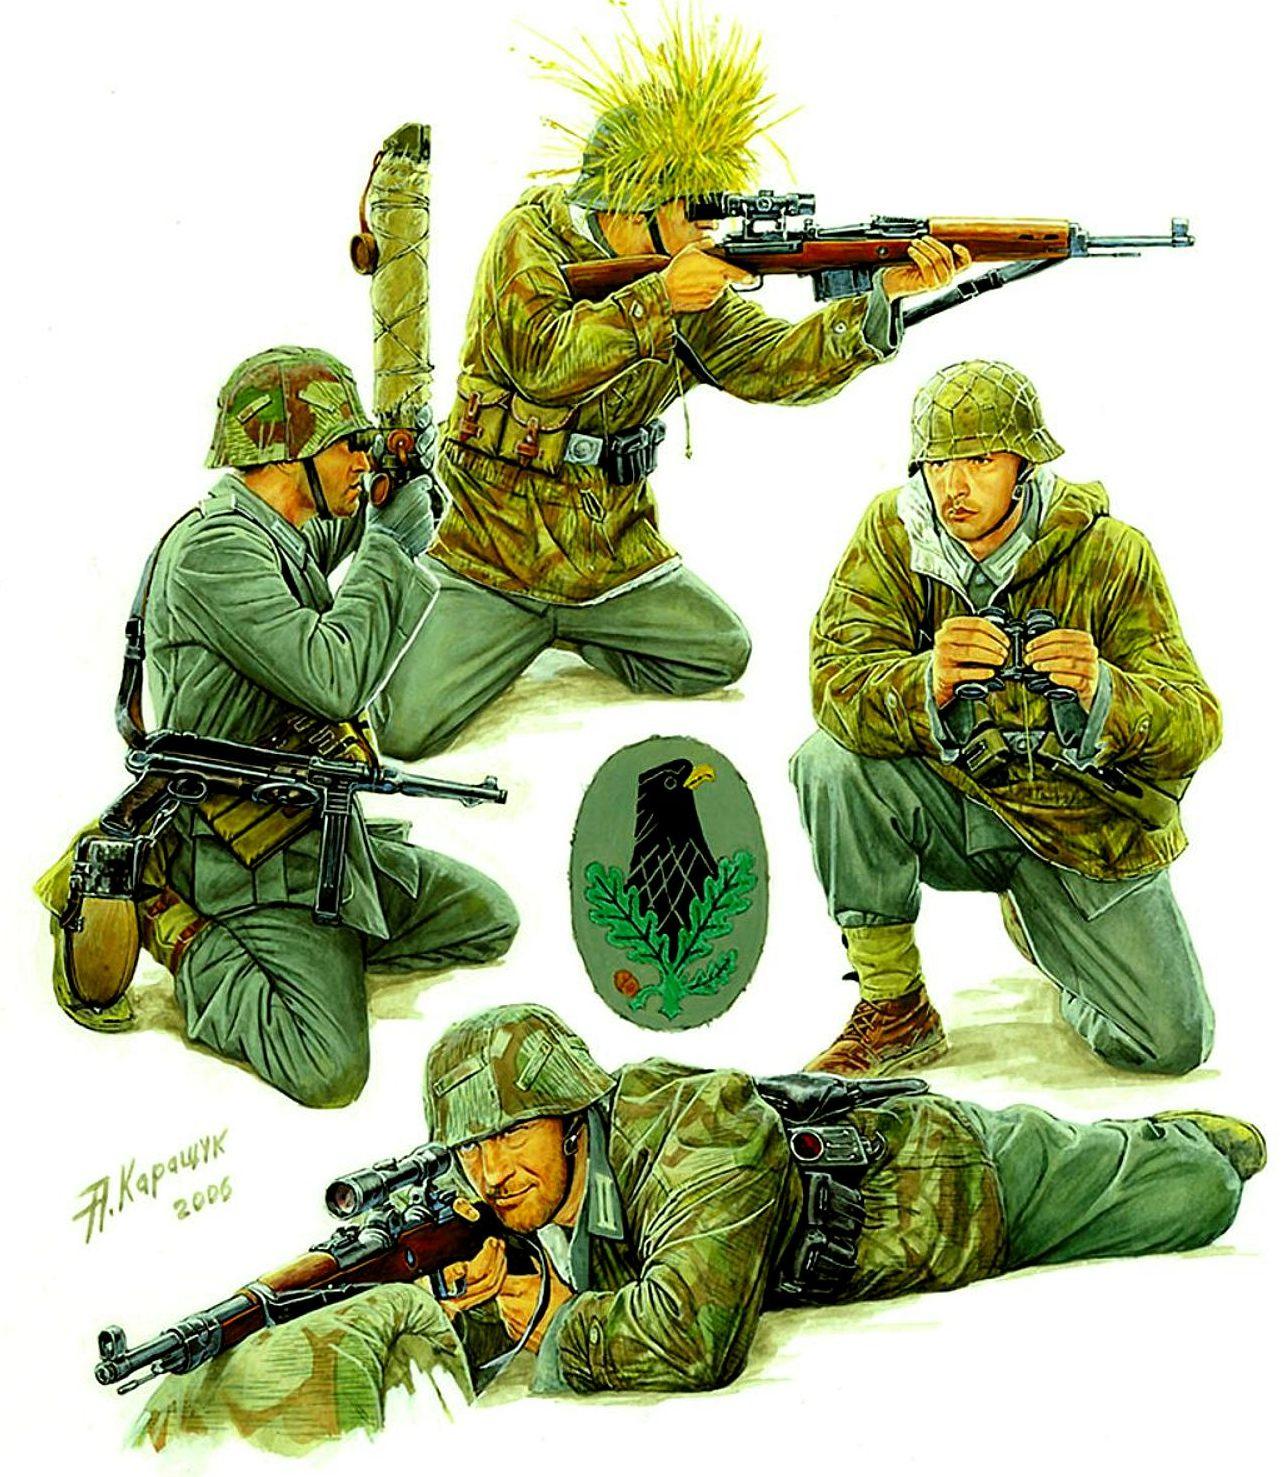 Каращук Андрей. Немецкие снайперские пары.